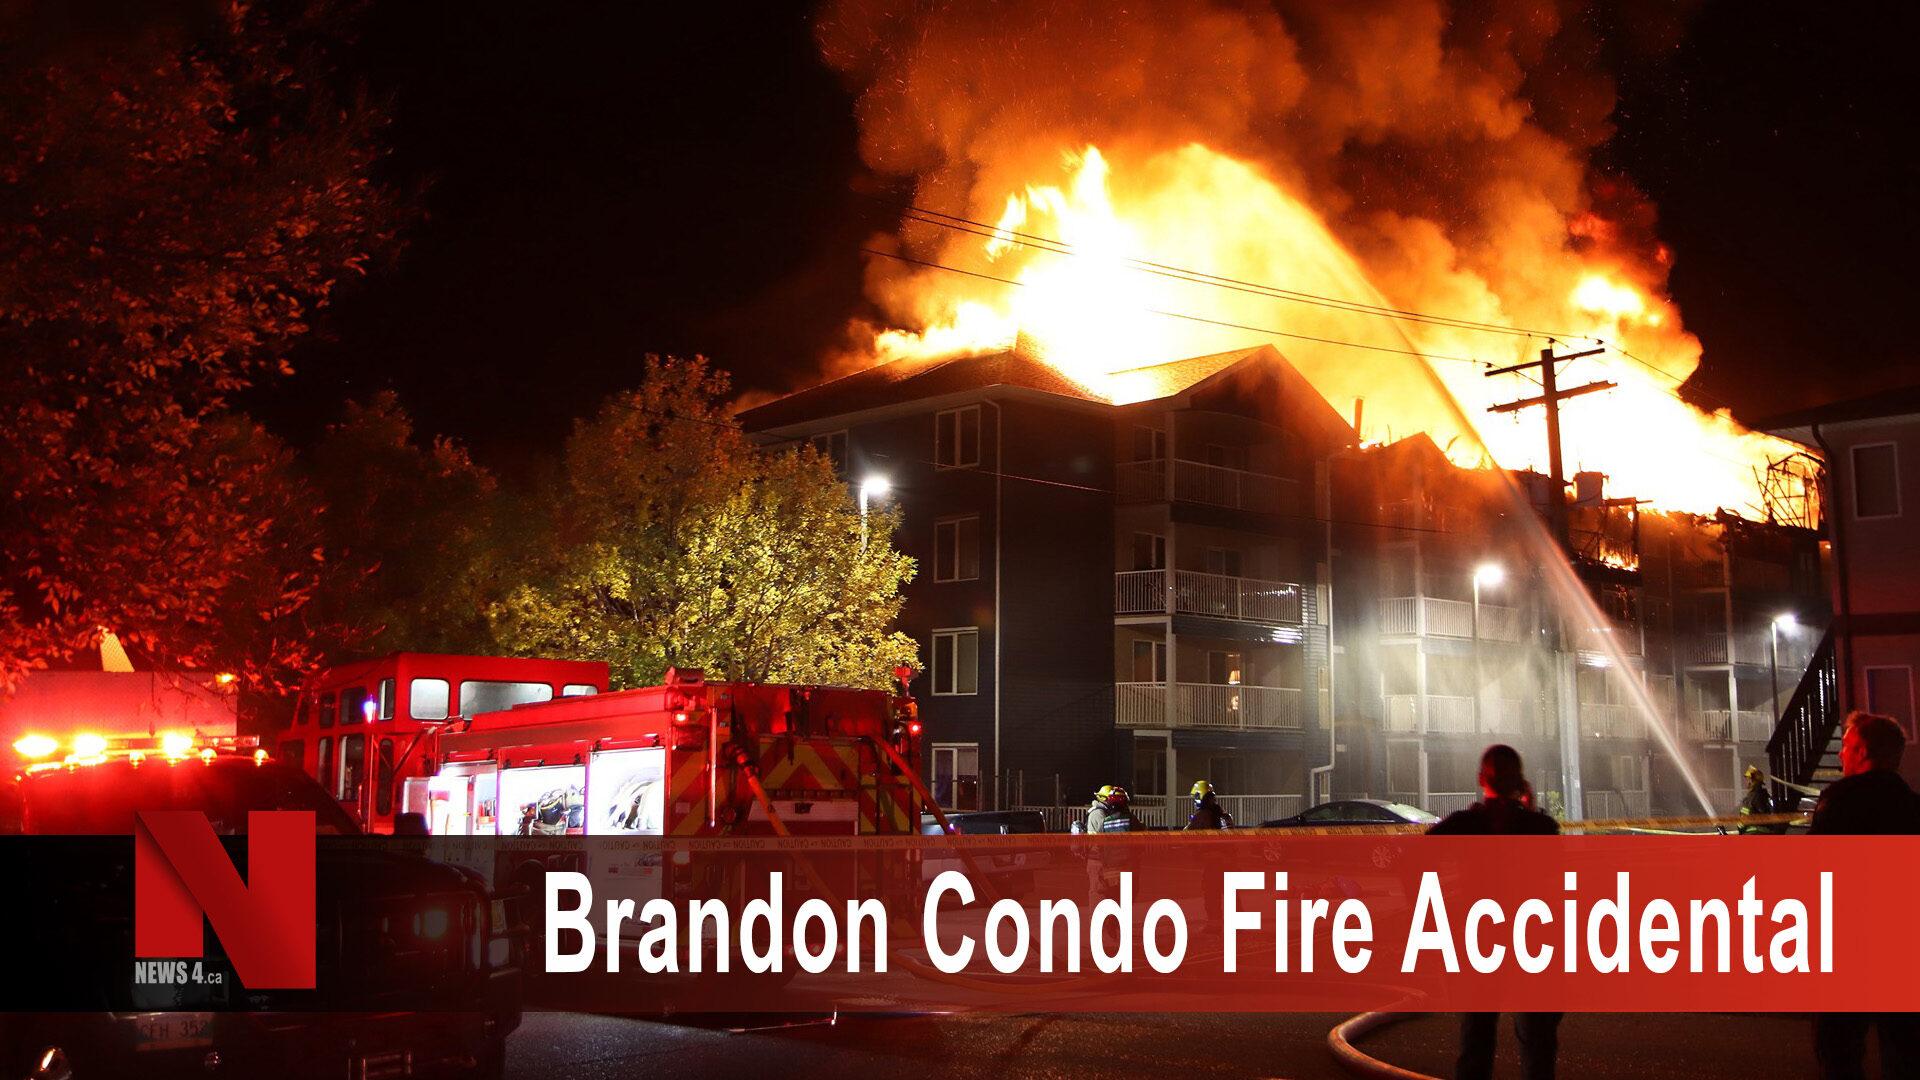 Brandon Condo Fire Accidental